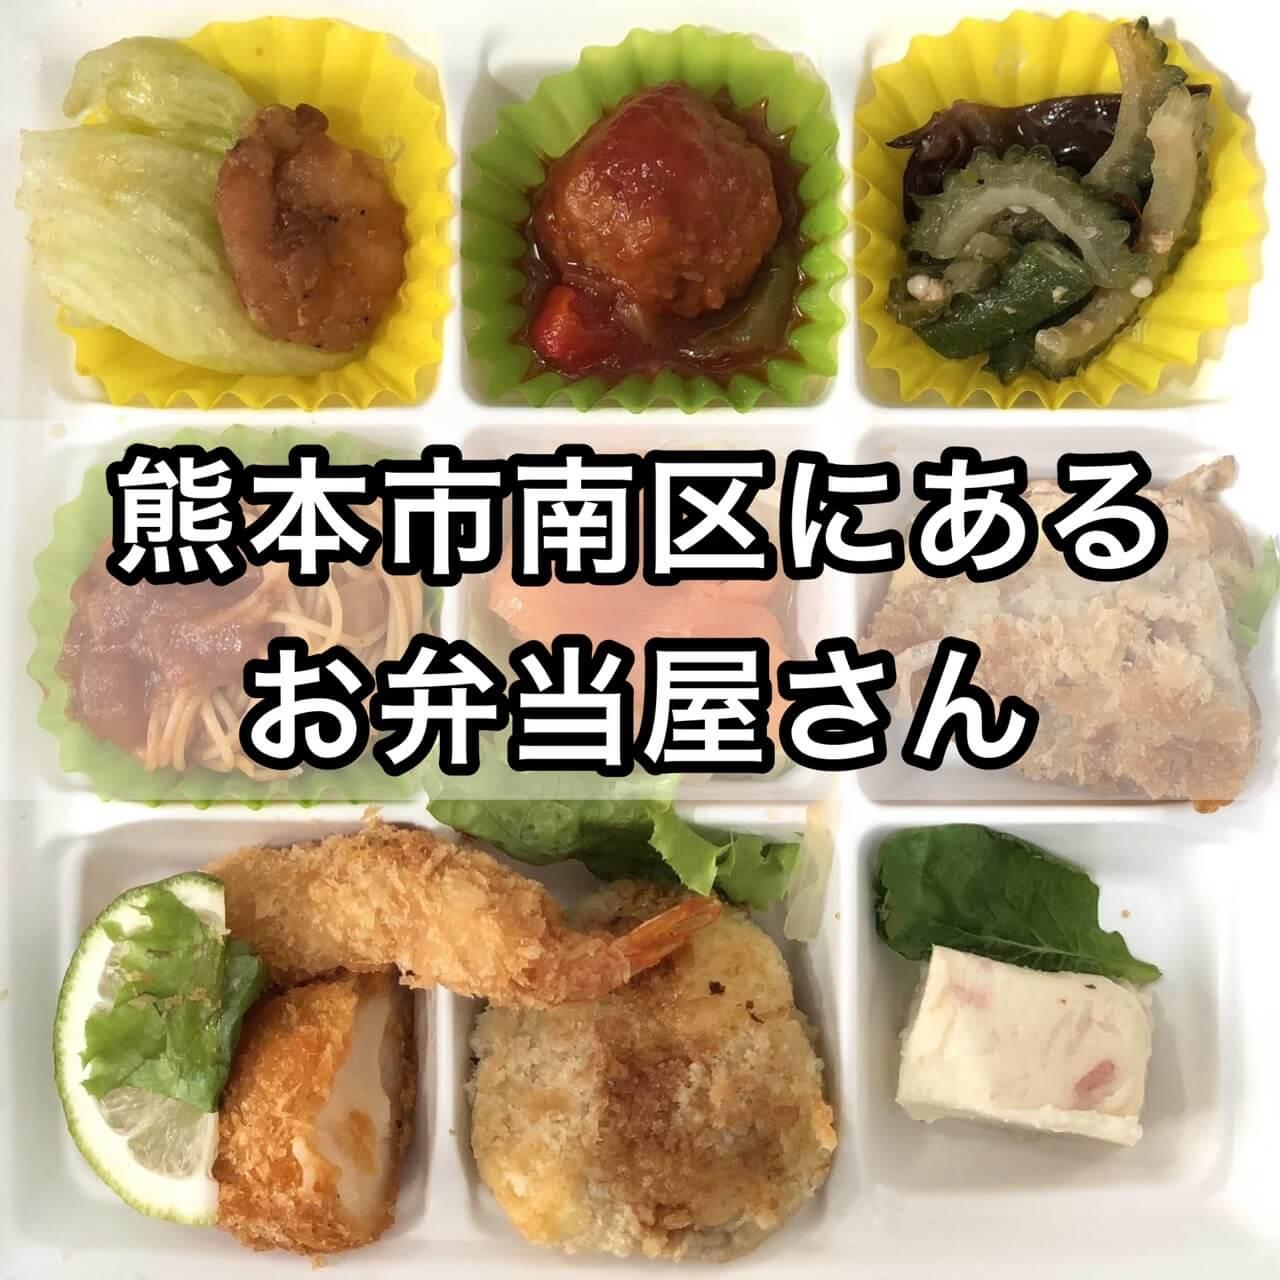 【5/28更新】熊本市南区にあるお弁当屋さんまとめ